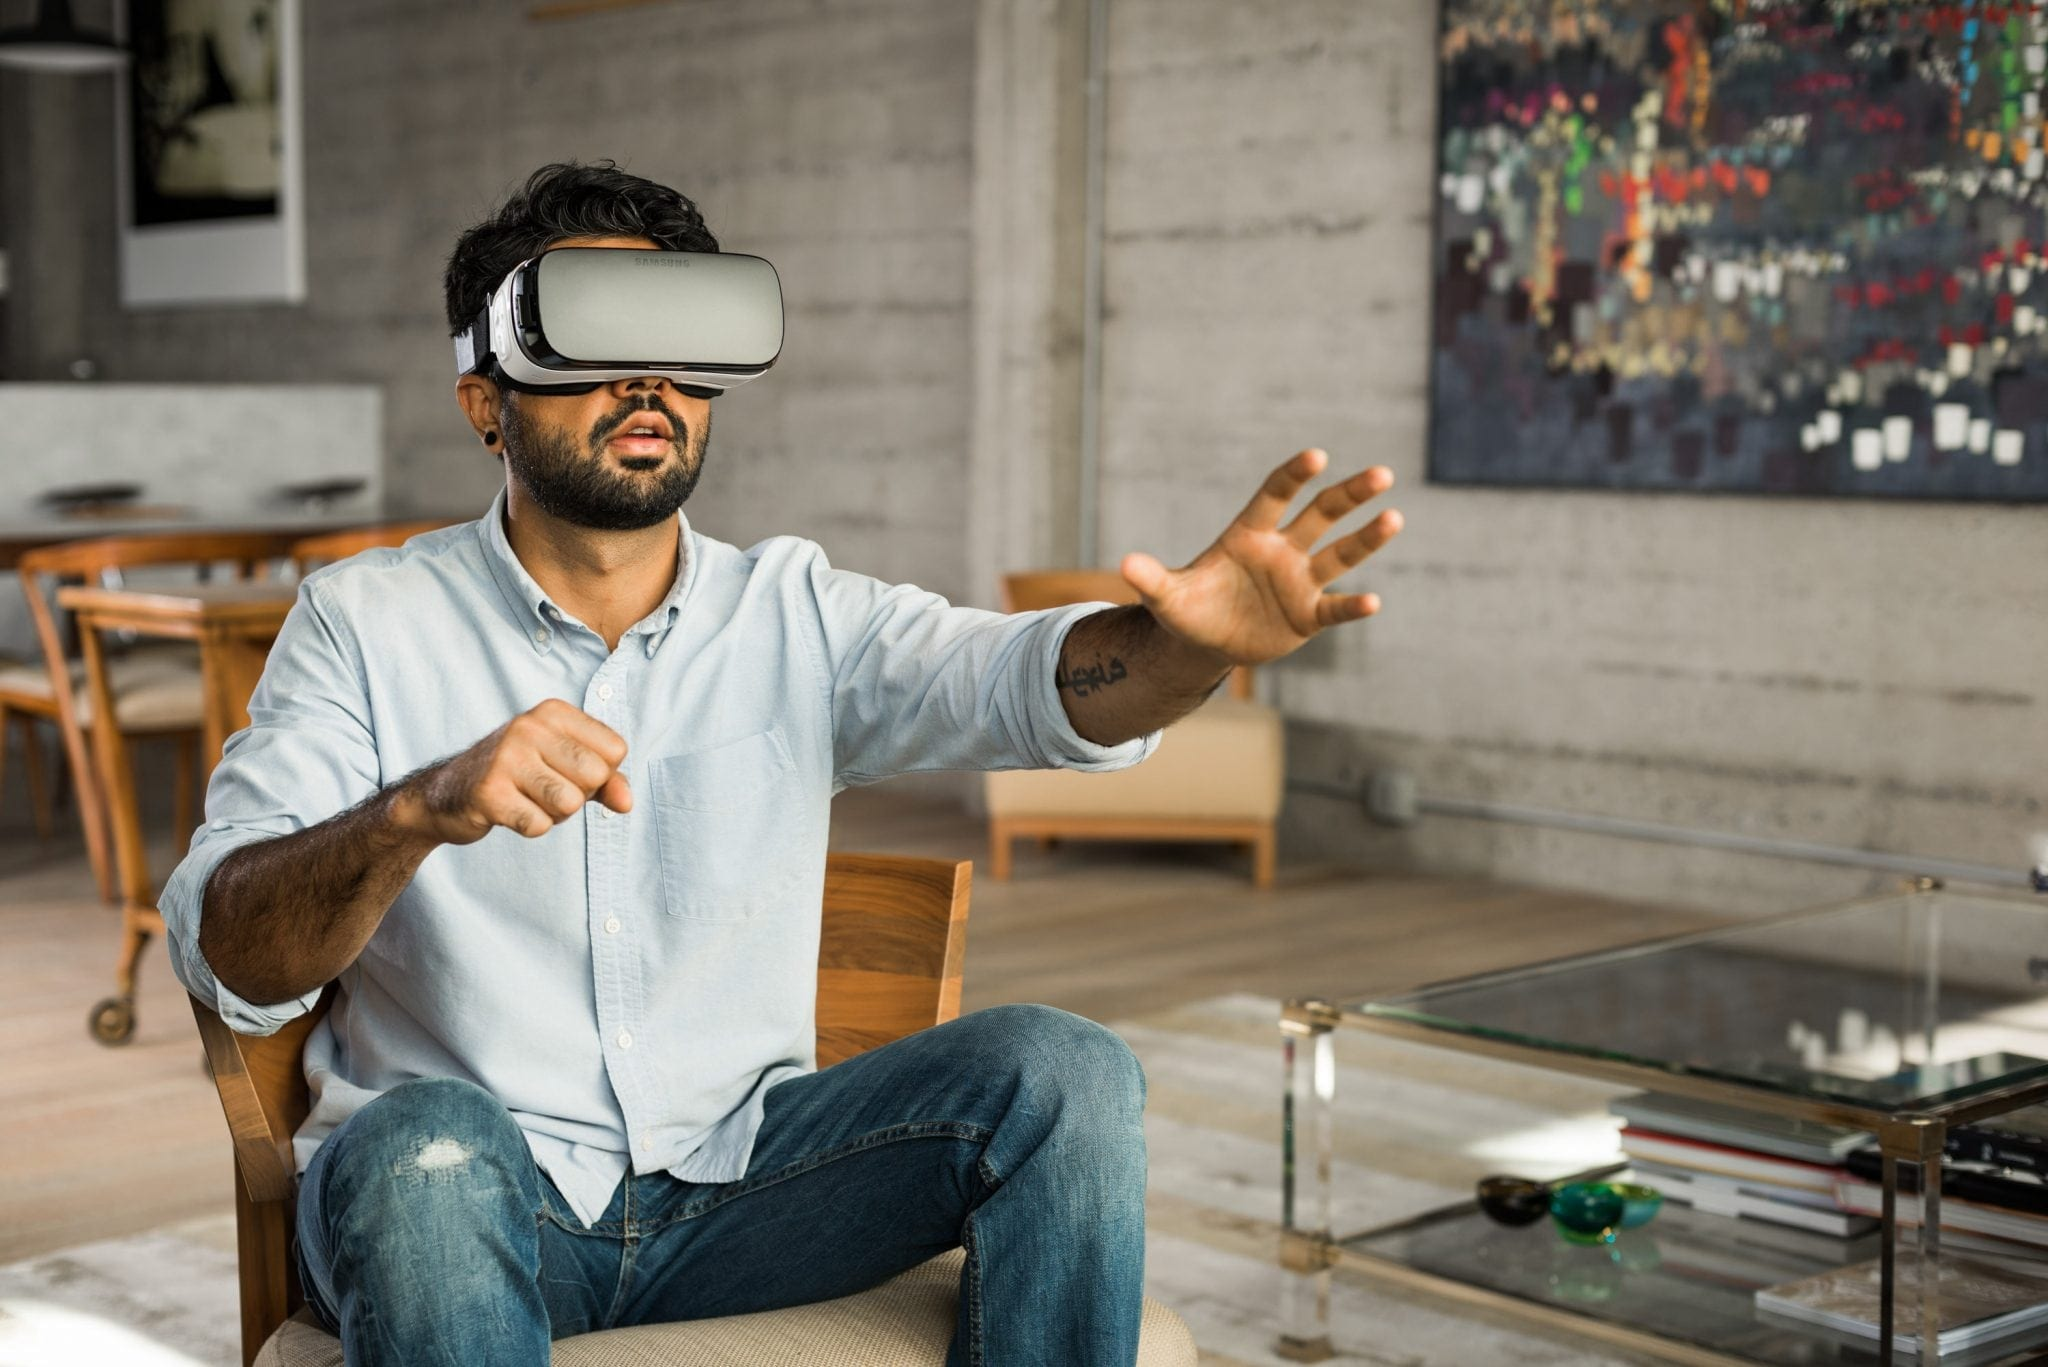 LUMI VIRTUALE: review cu cele mai actuale soluții de realitate virtuală